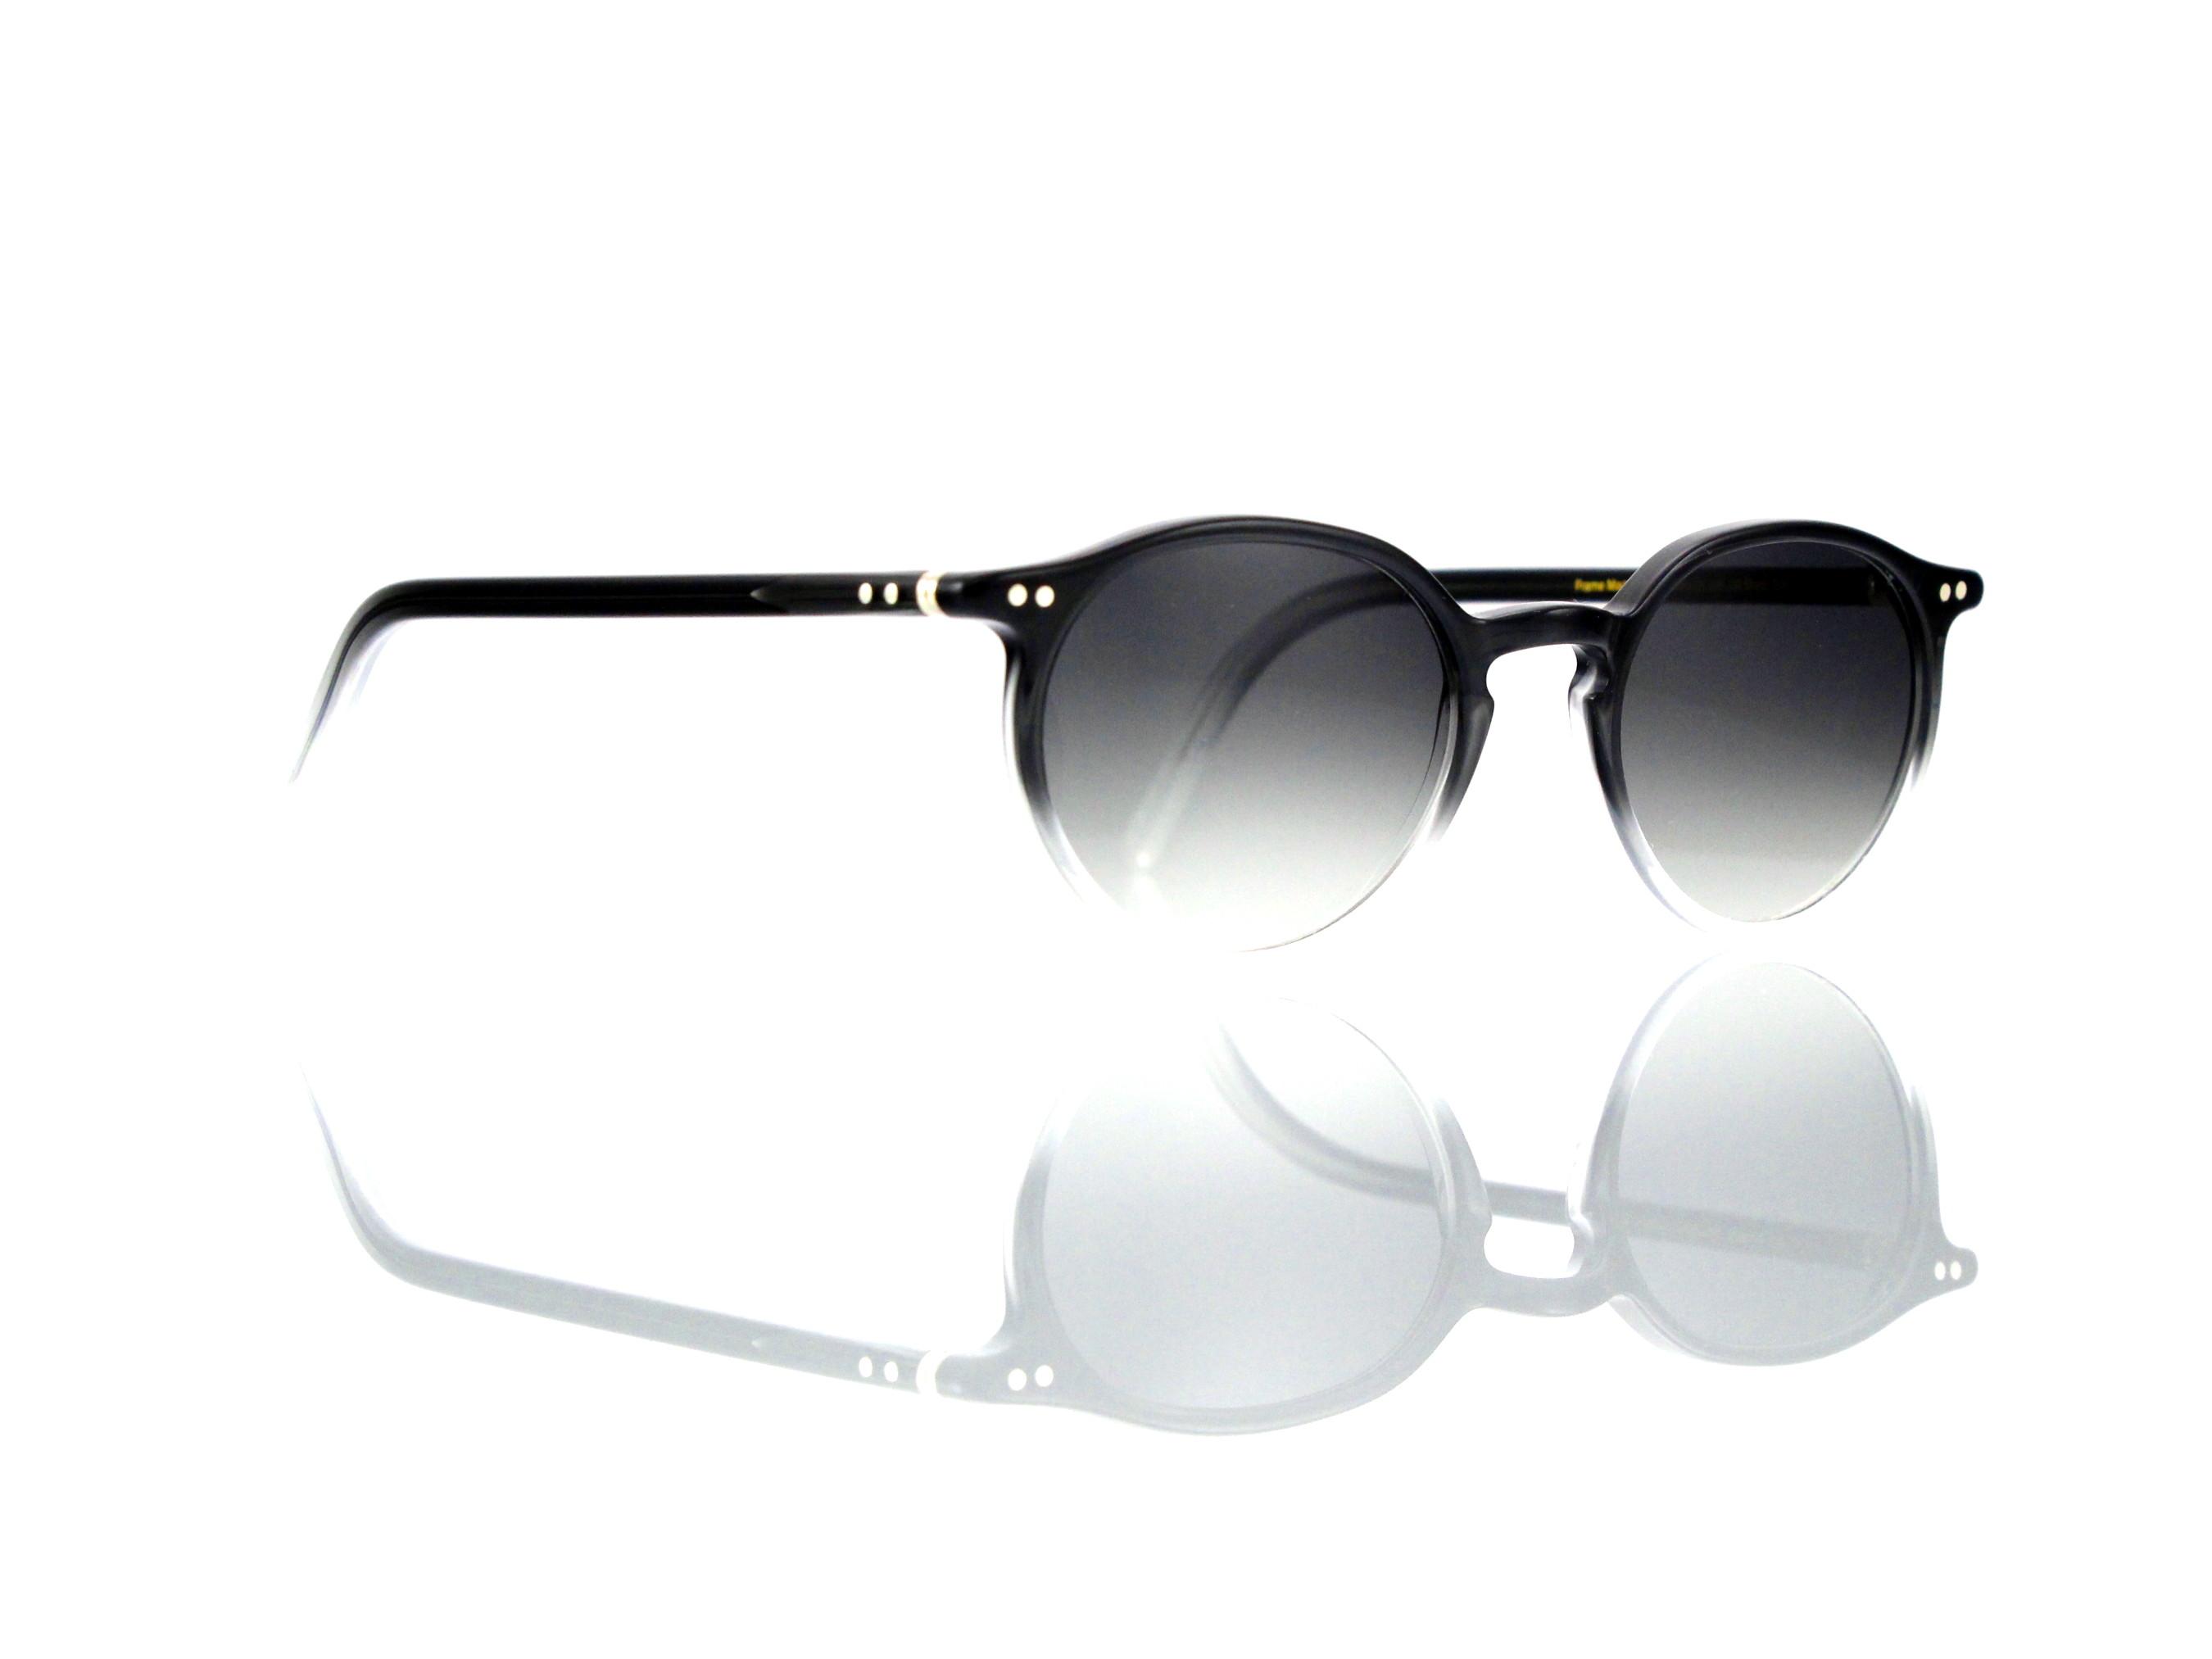 a755a956dc6 Blickpunkt-Brillen • Online-Shop • Herren • Brillen • Fassungen • Marke •  Hersteller • Lunor • Lunor Eyewear • Kollektion • Linie • Acetat